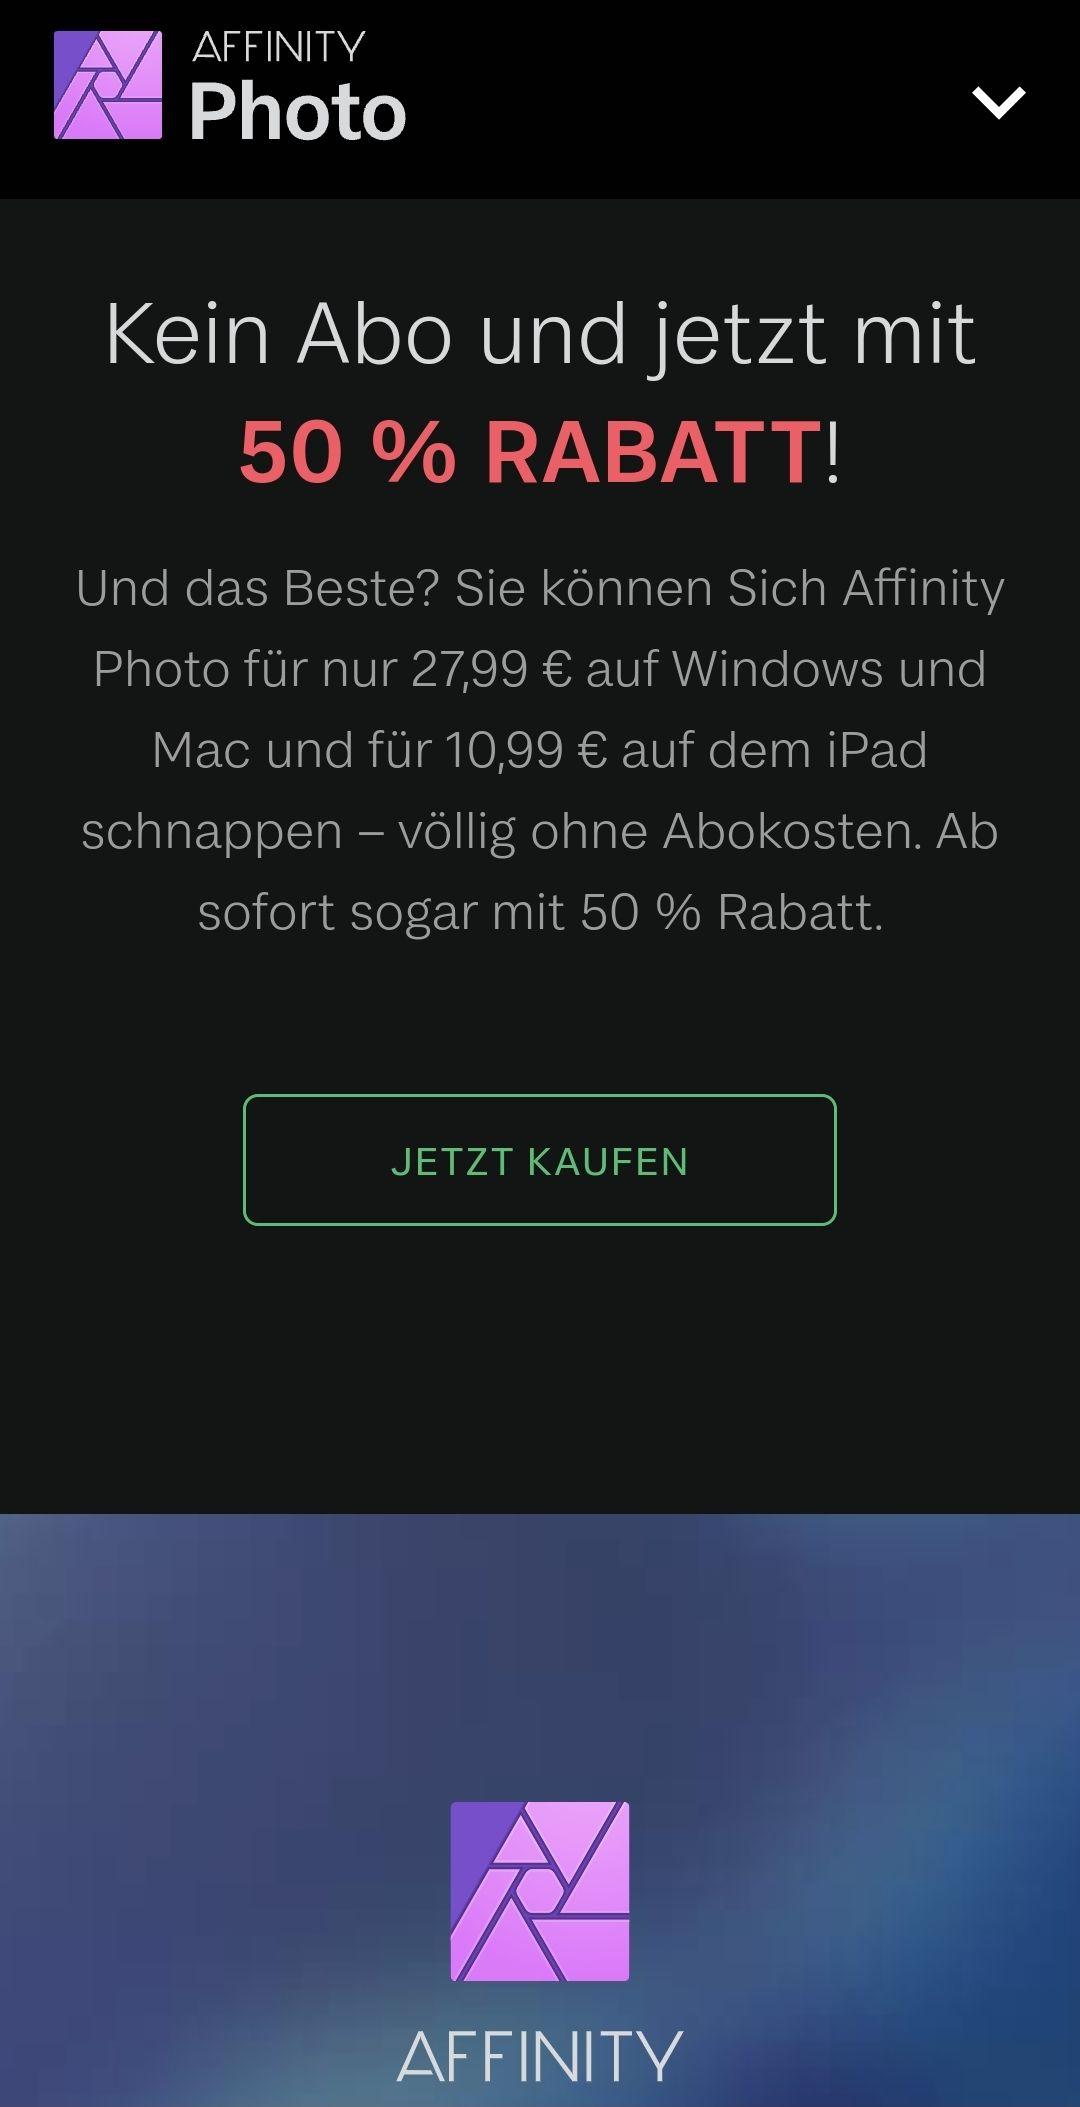 50% Rabatt auf Affinity Produkte Photo/Publisher/Designer